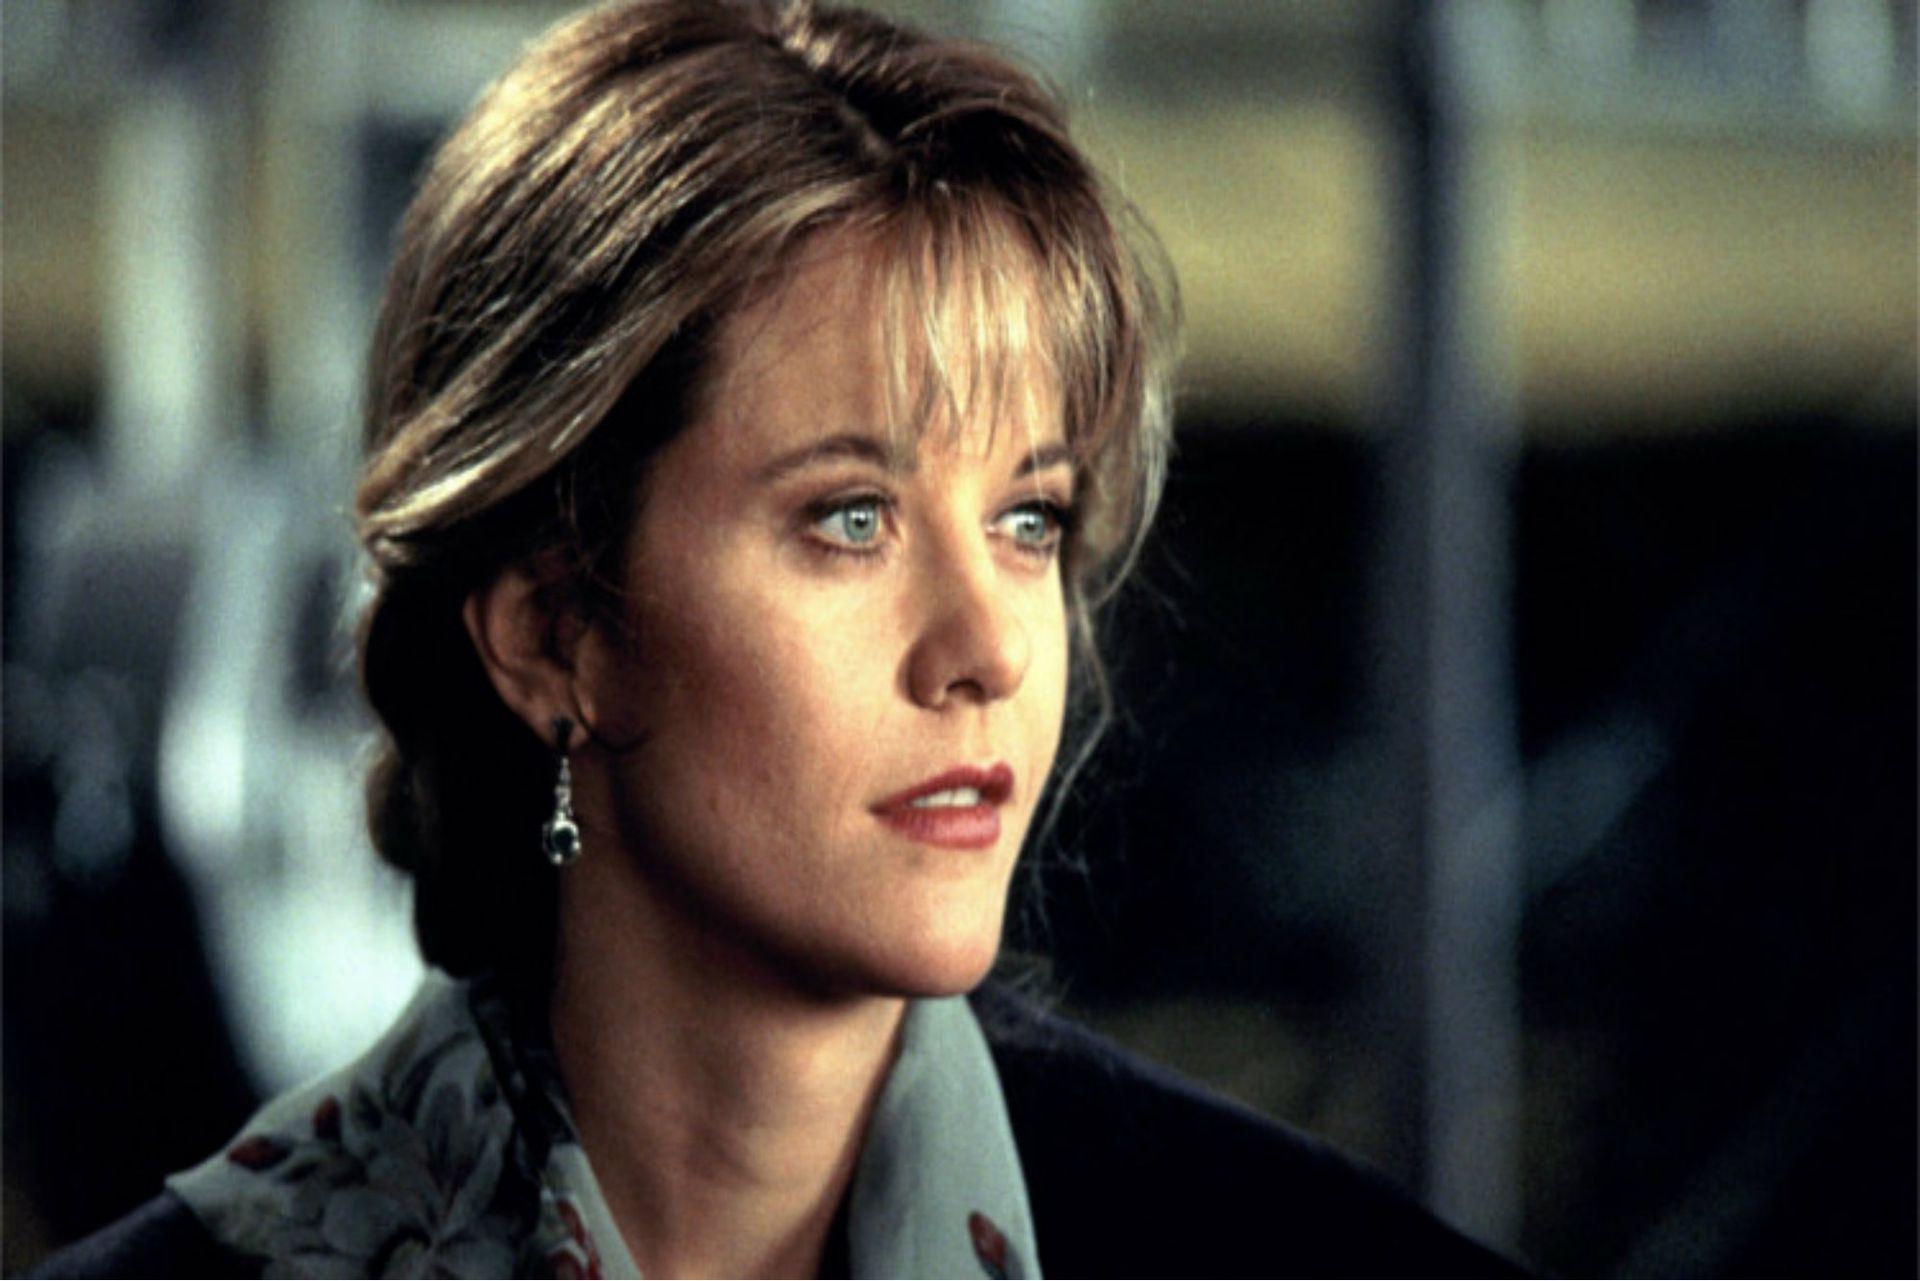 Meg Ryan, la mejor actriz para contar el enamoramiento a distancia que muestra la película